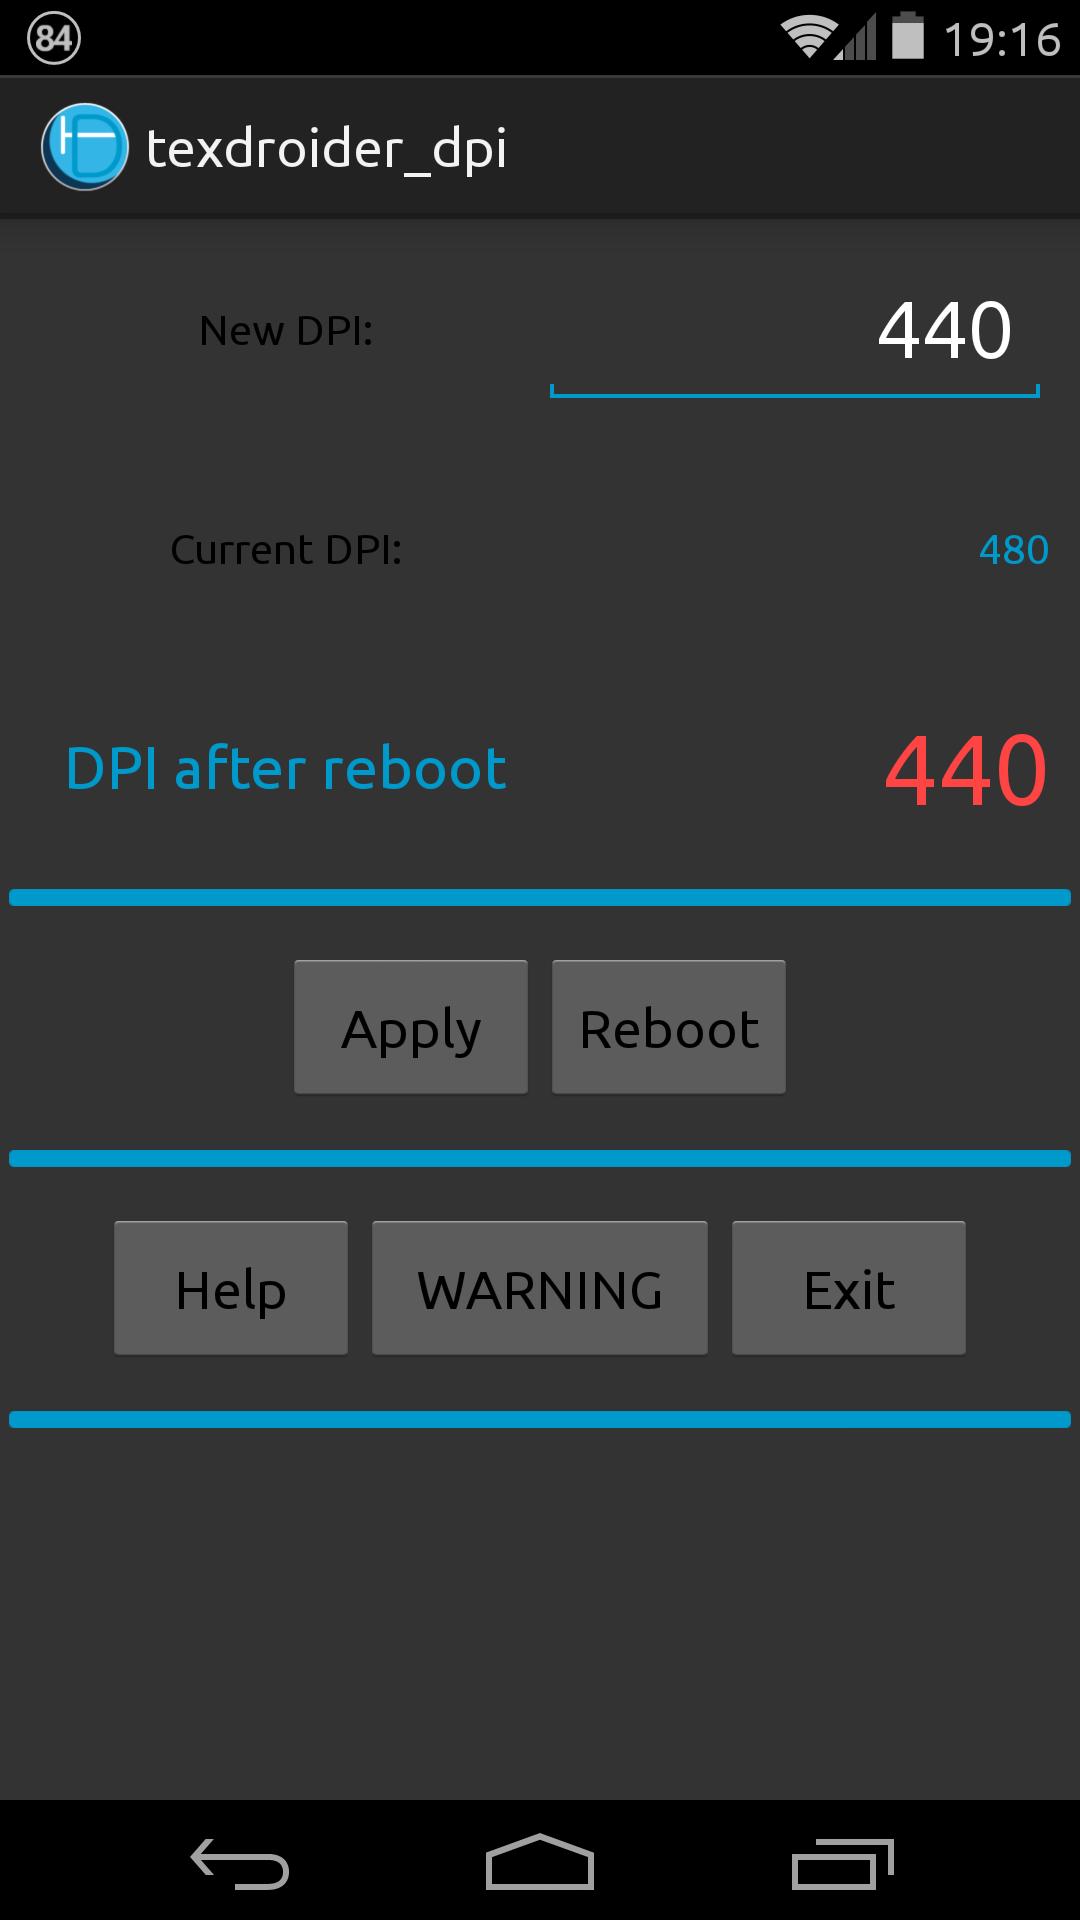 [SOFT][ROOT] TEXDROIDER : changer le DPI facilement [Gratuit][13.11.2013] Attachment